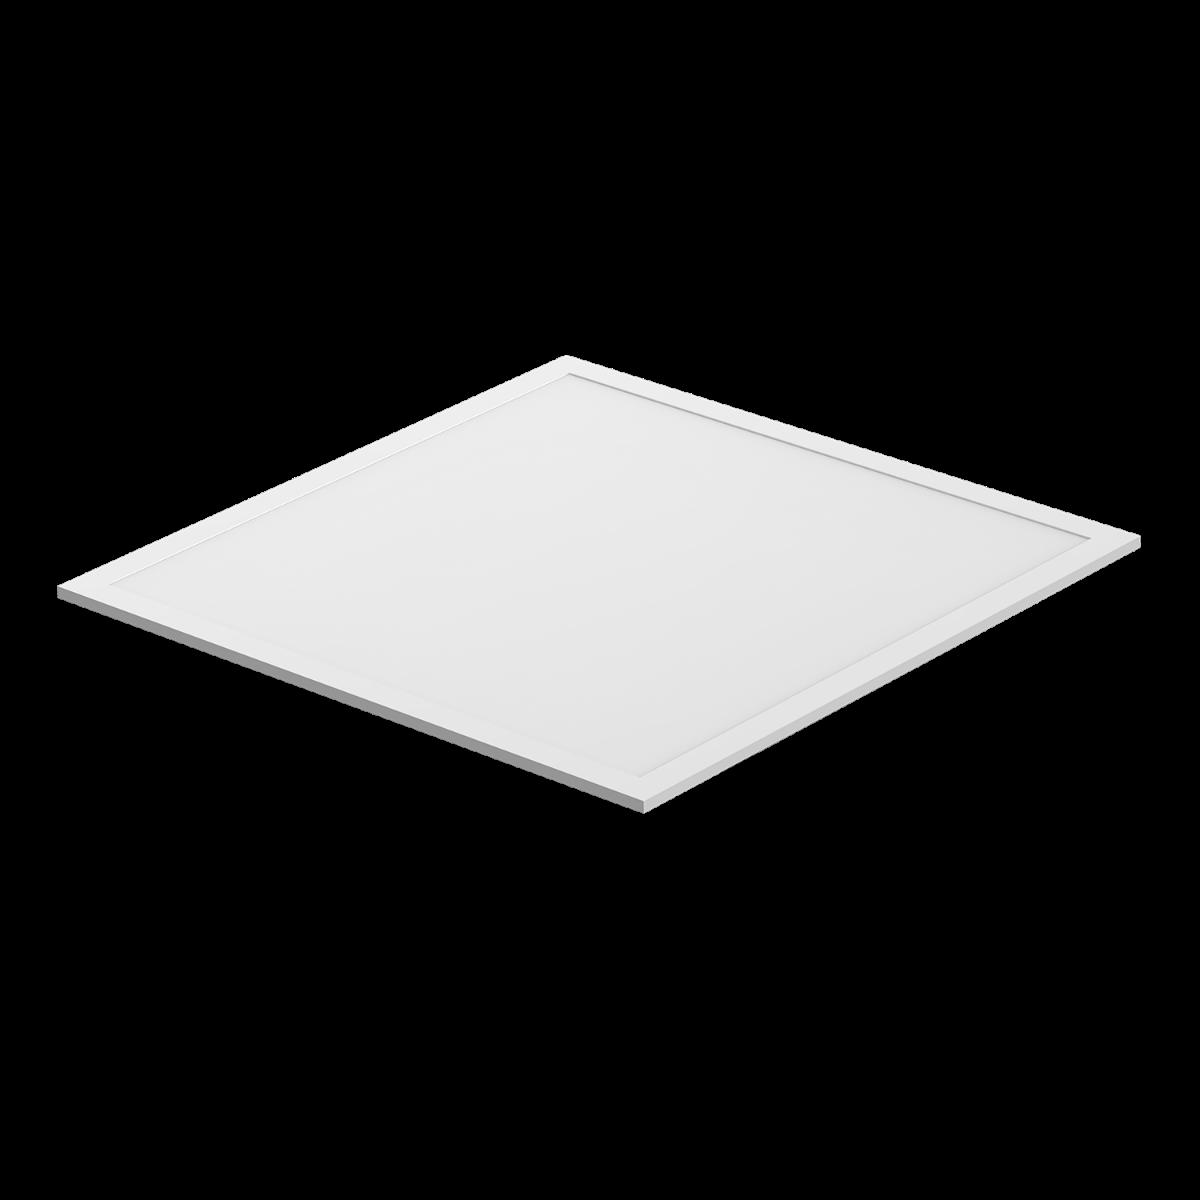 Noxion LED Panel Econox 32W 60x60cm 6500K 4400lm UGR <22   Daylight - Replaces 4x18W